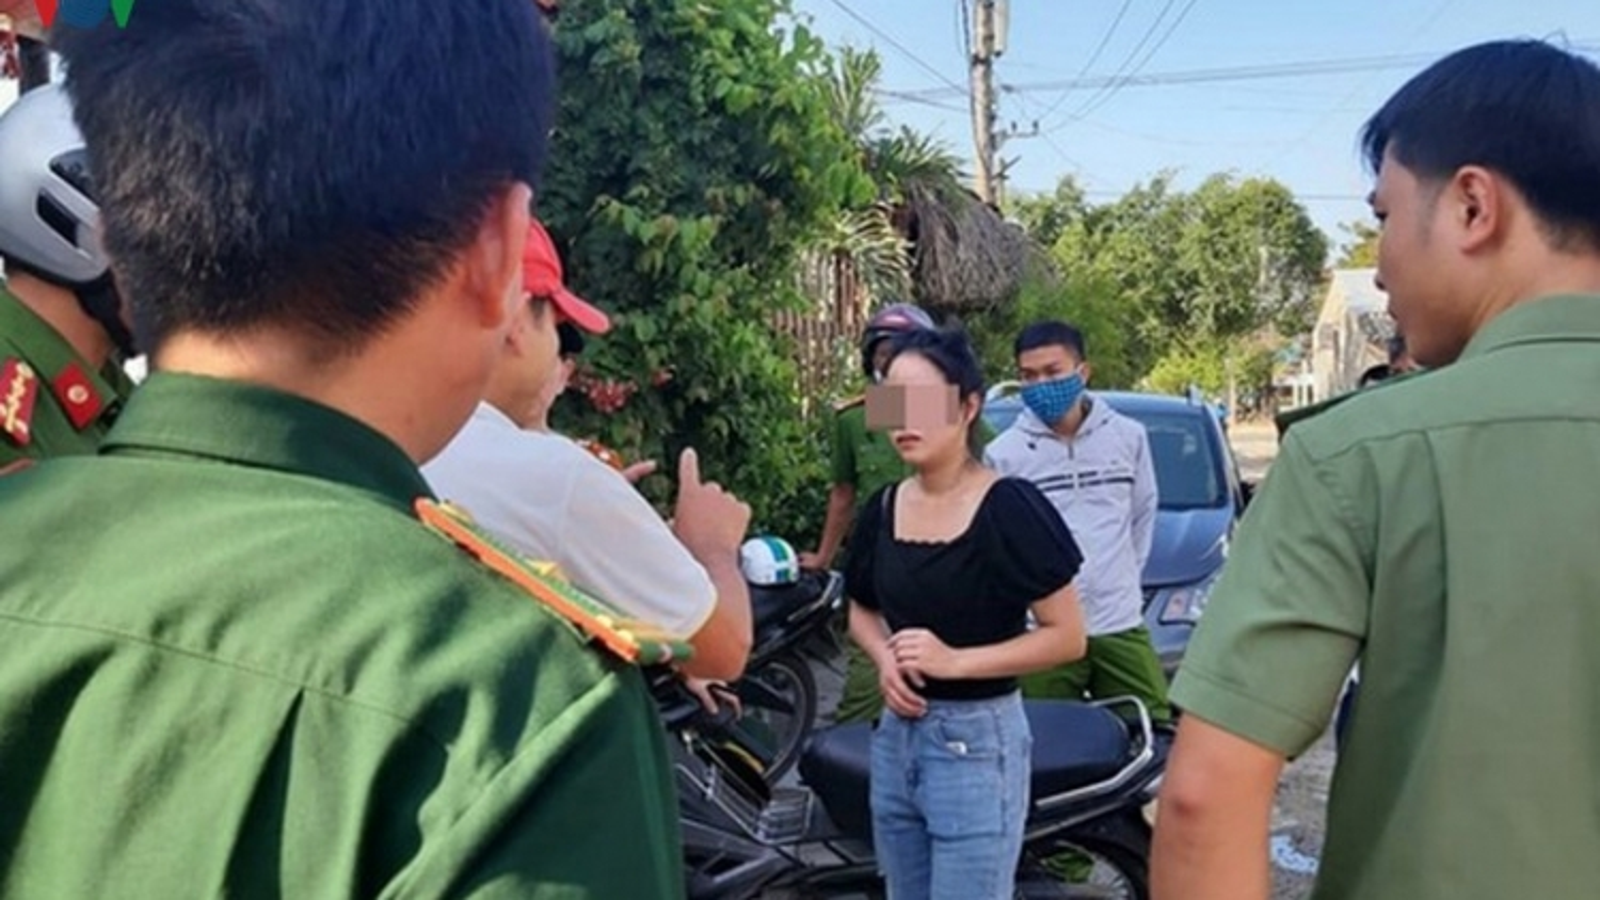 Vụ 21 người Trung Quốc nhập cảnh trái phép: 17 người không có giấy tờ